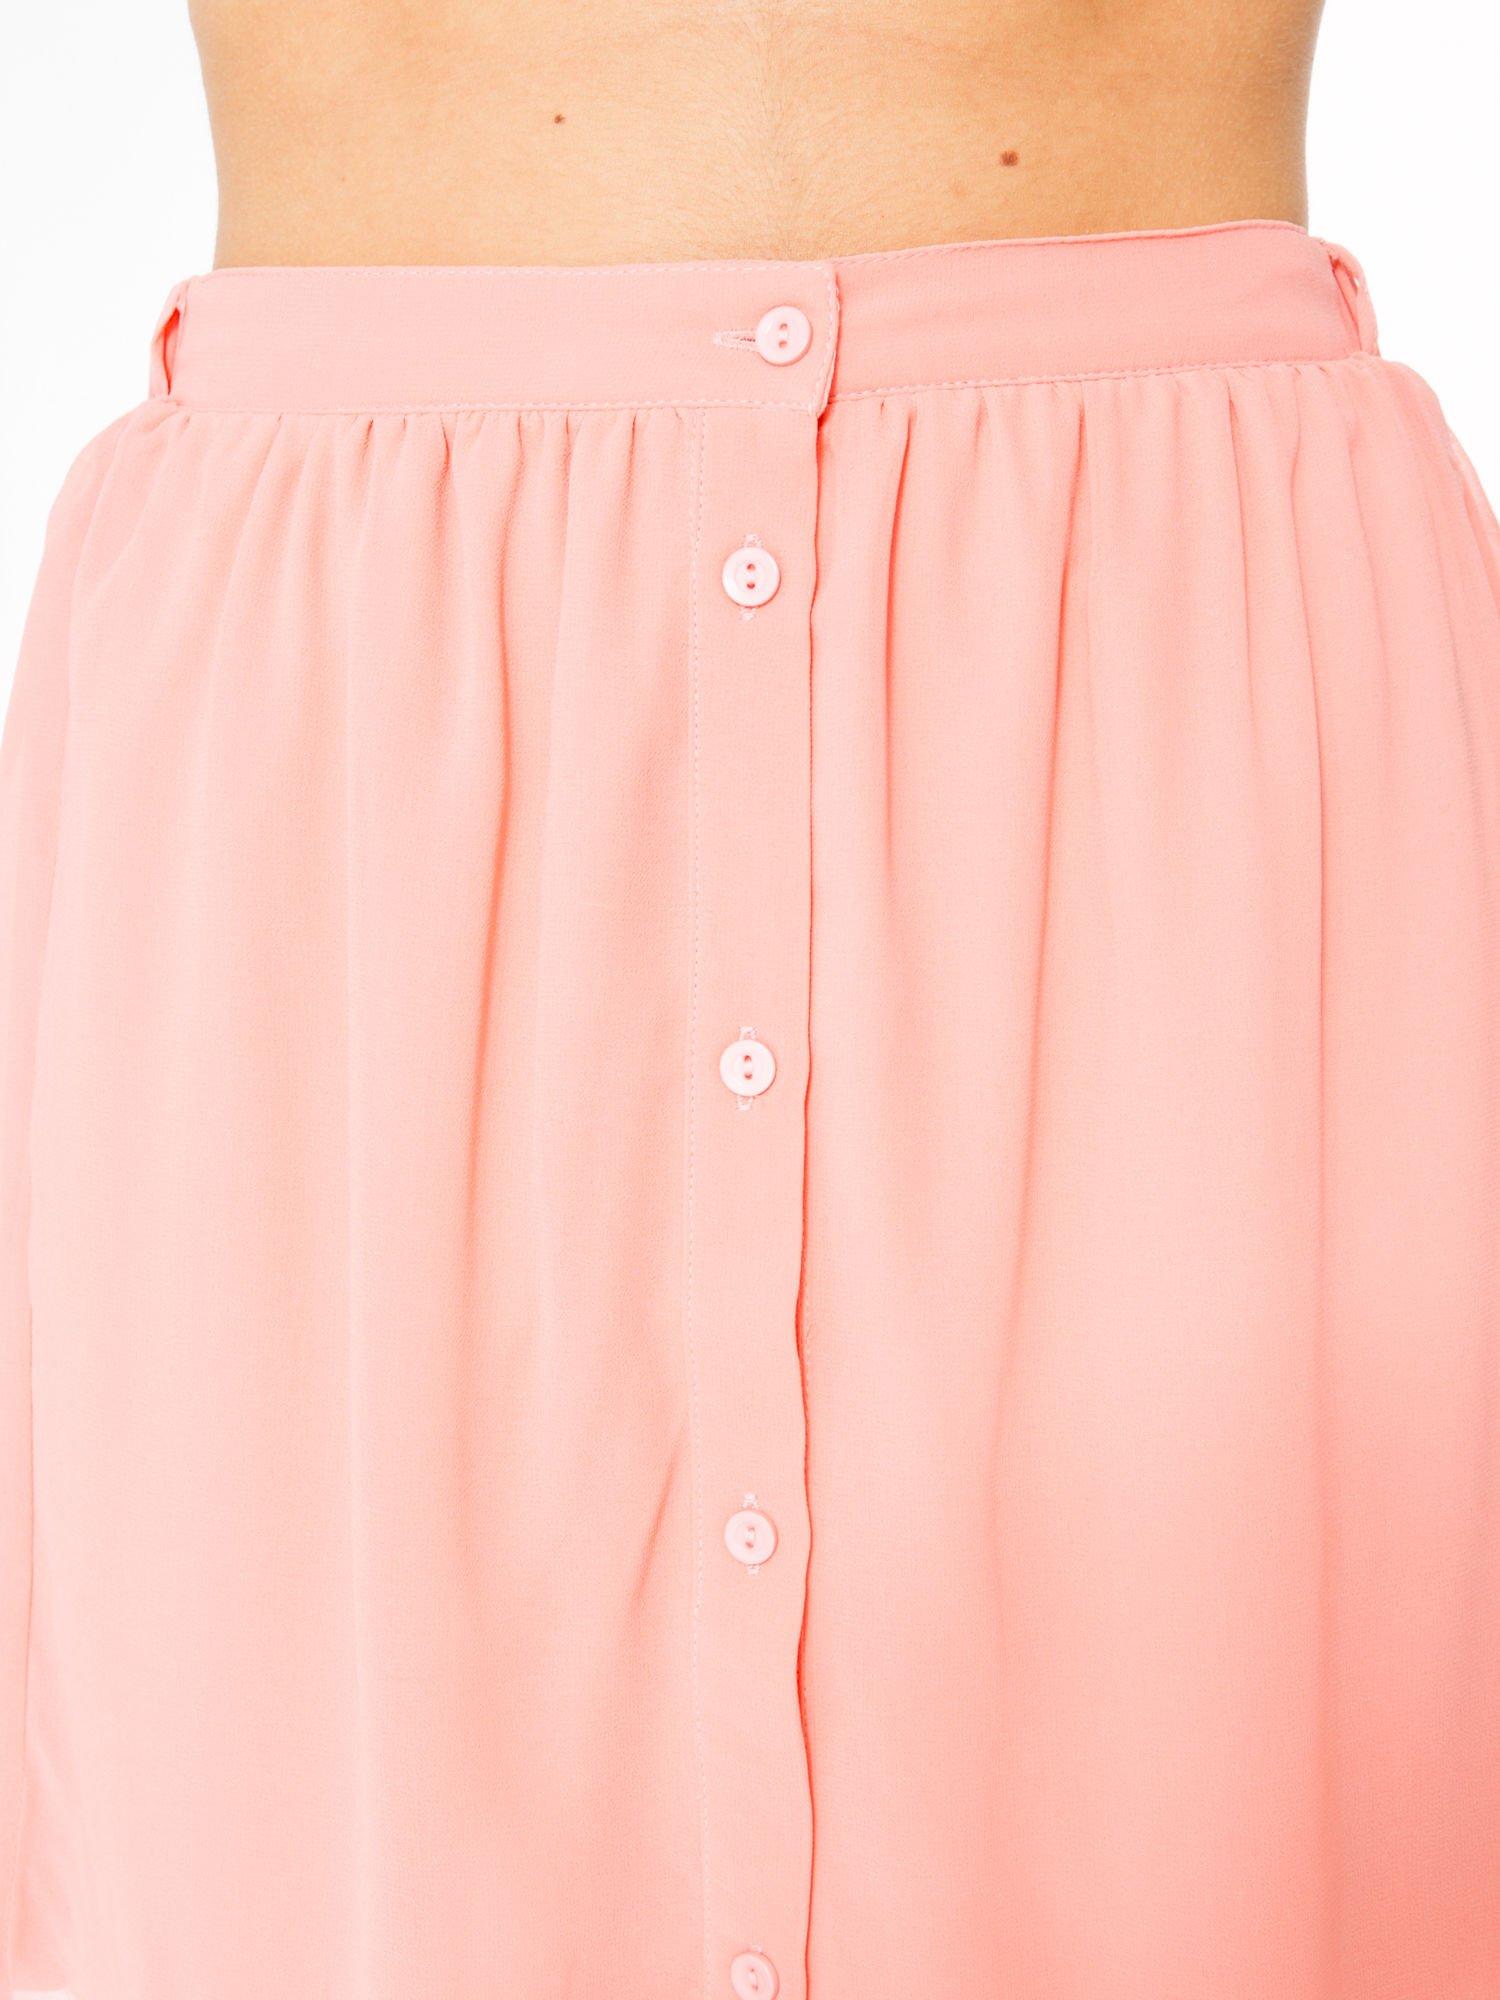 Różowa mini spódnica zapinana z przodu  na rząd guzików                                  zdj.                                  9